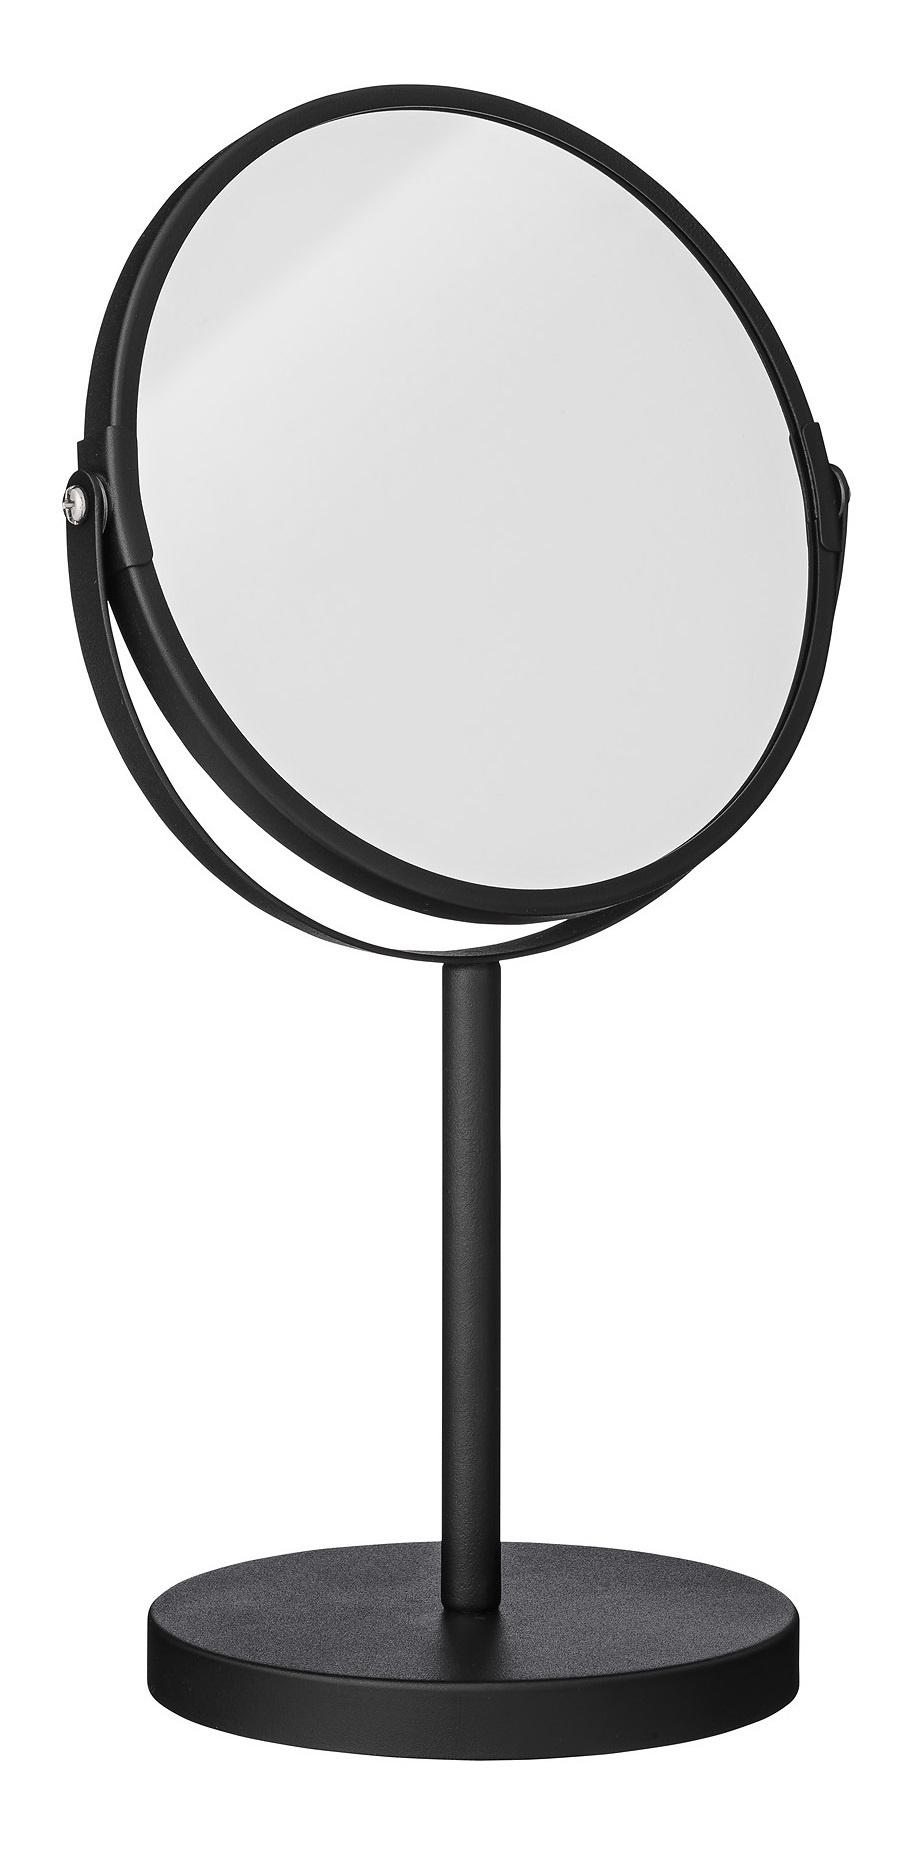 Bloomingville verstelbare spiegel op standaard, zwart metaal